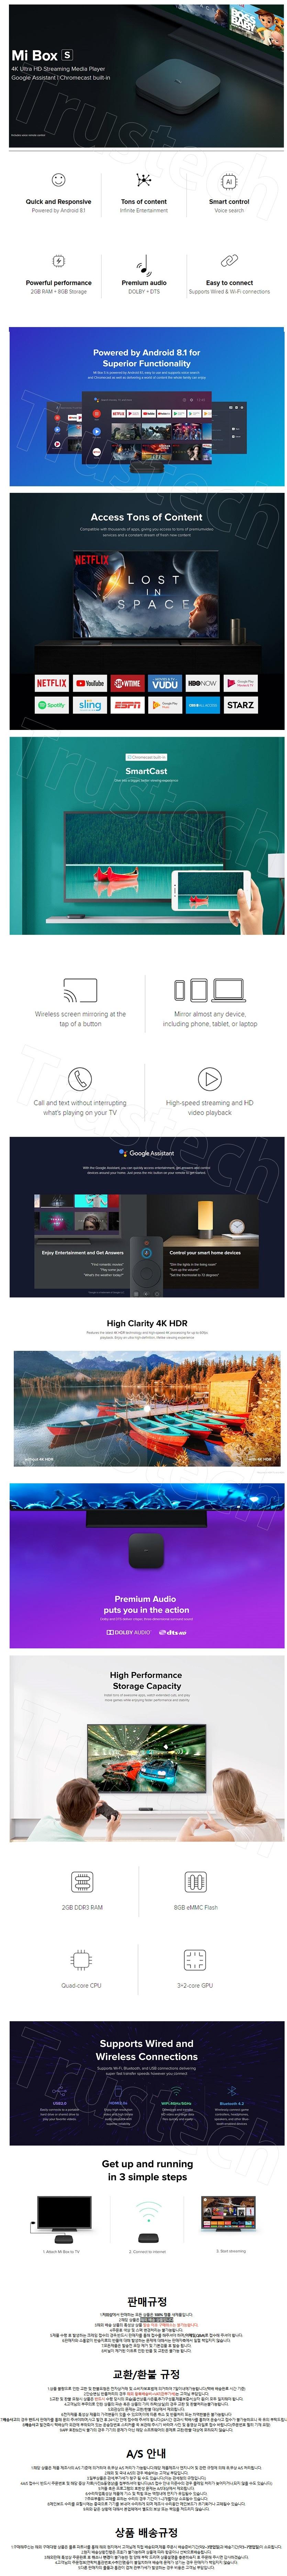 샤오미 Mi TV Box S 울트라 HD TV 박스 글로벌 버전 한국어 지원 4K HDR 고퀄리티 Android 8 1 - 11번가.jpg